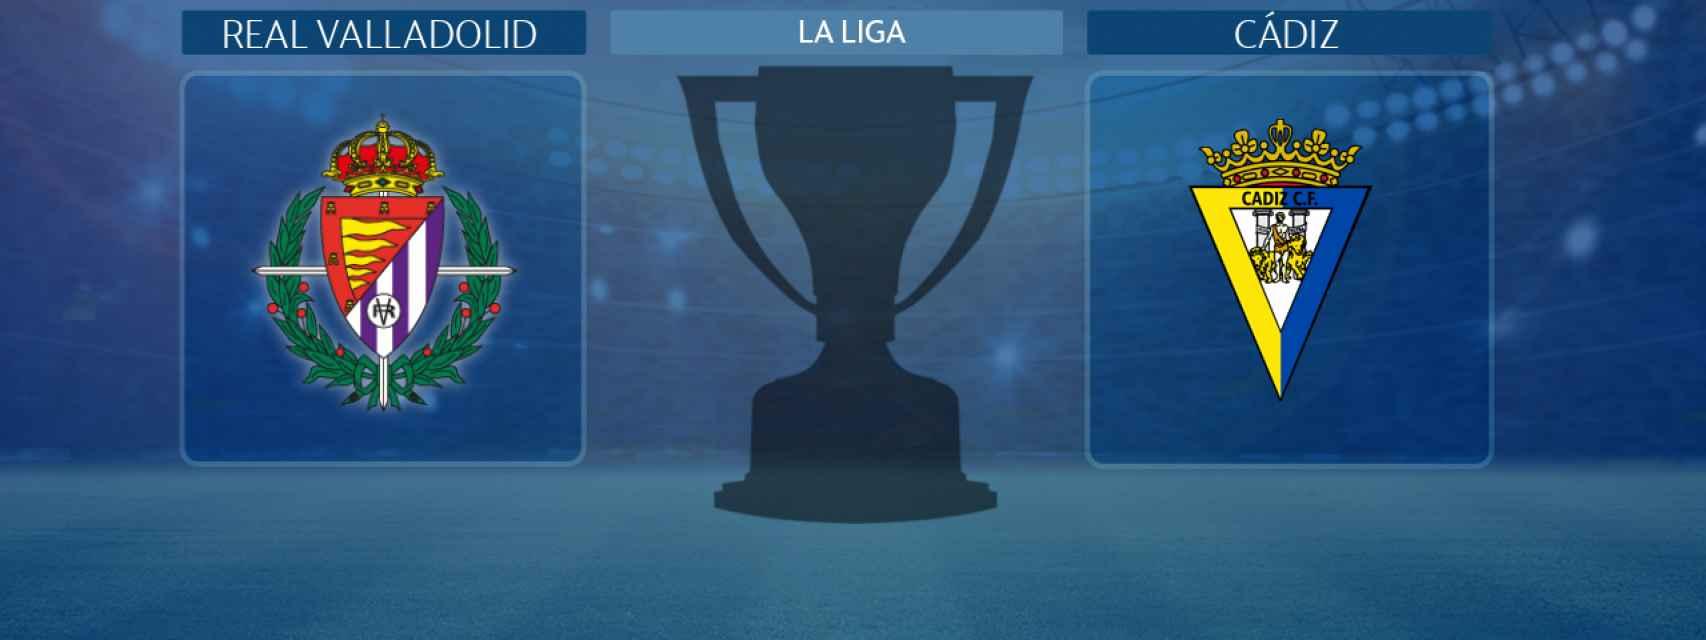 Real Valladolid - Cádiz, partido de La Liga